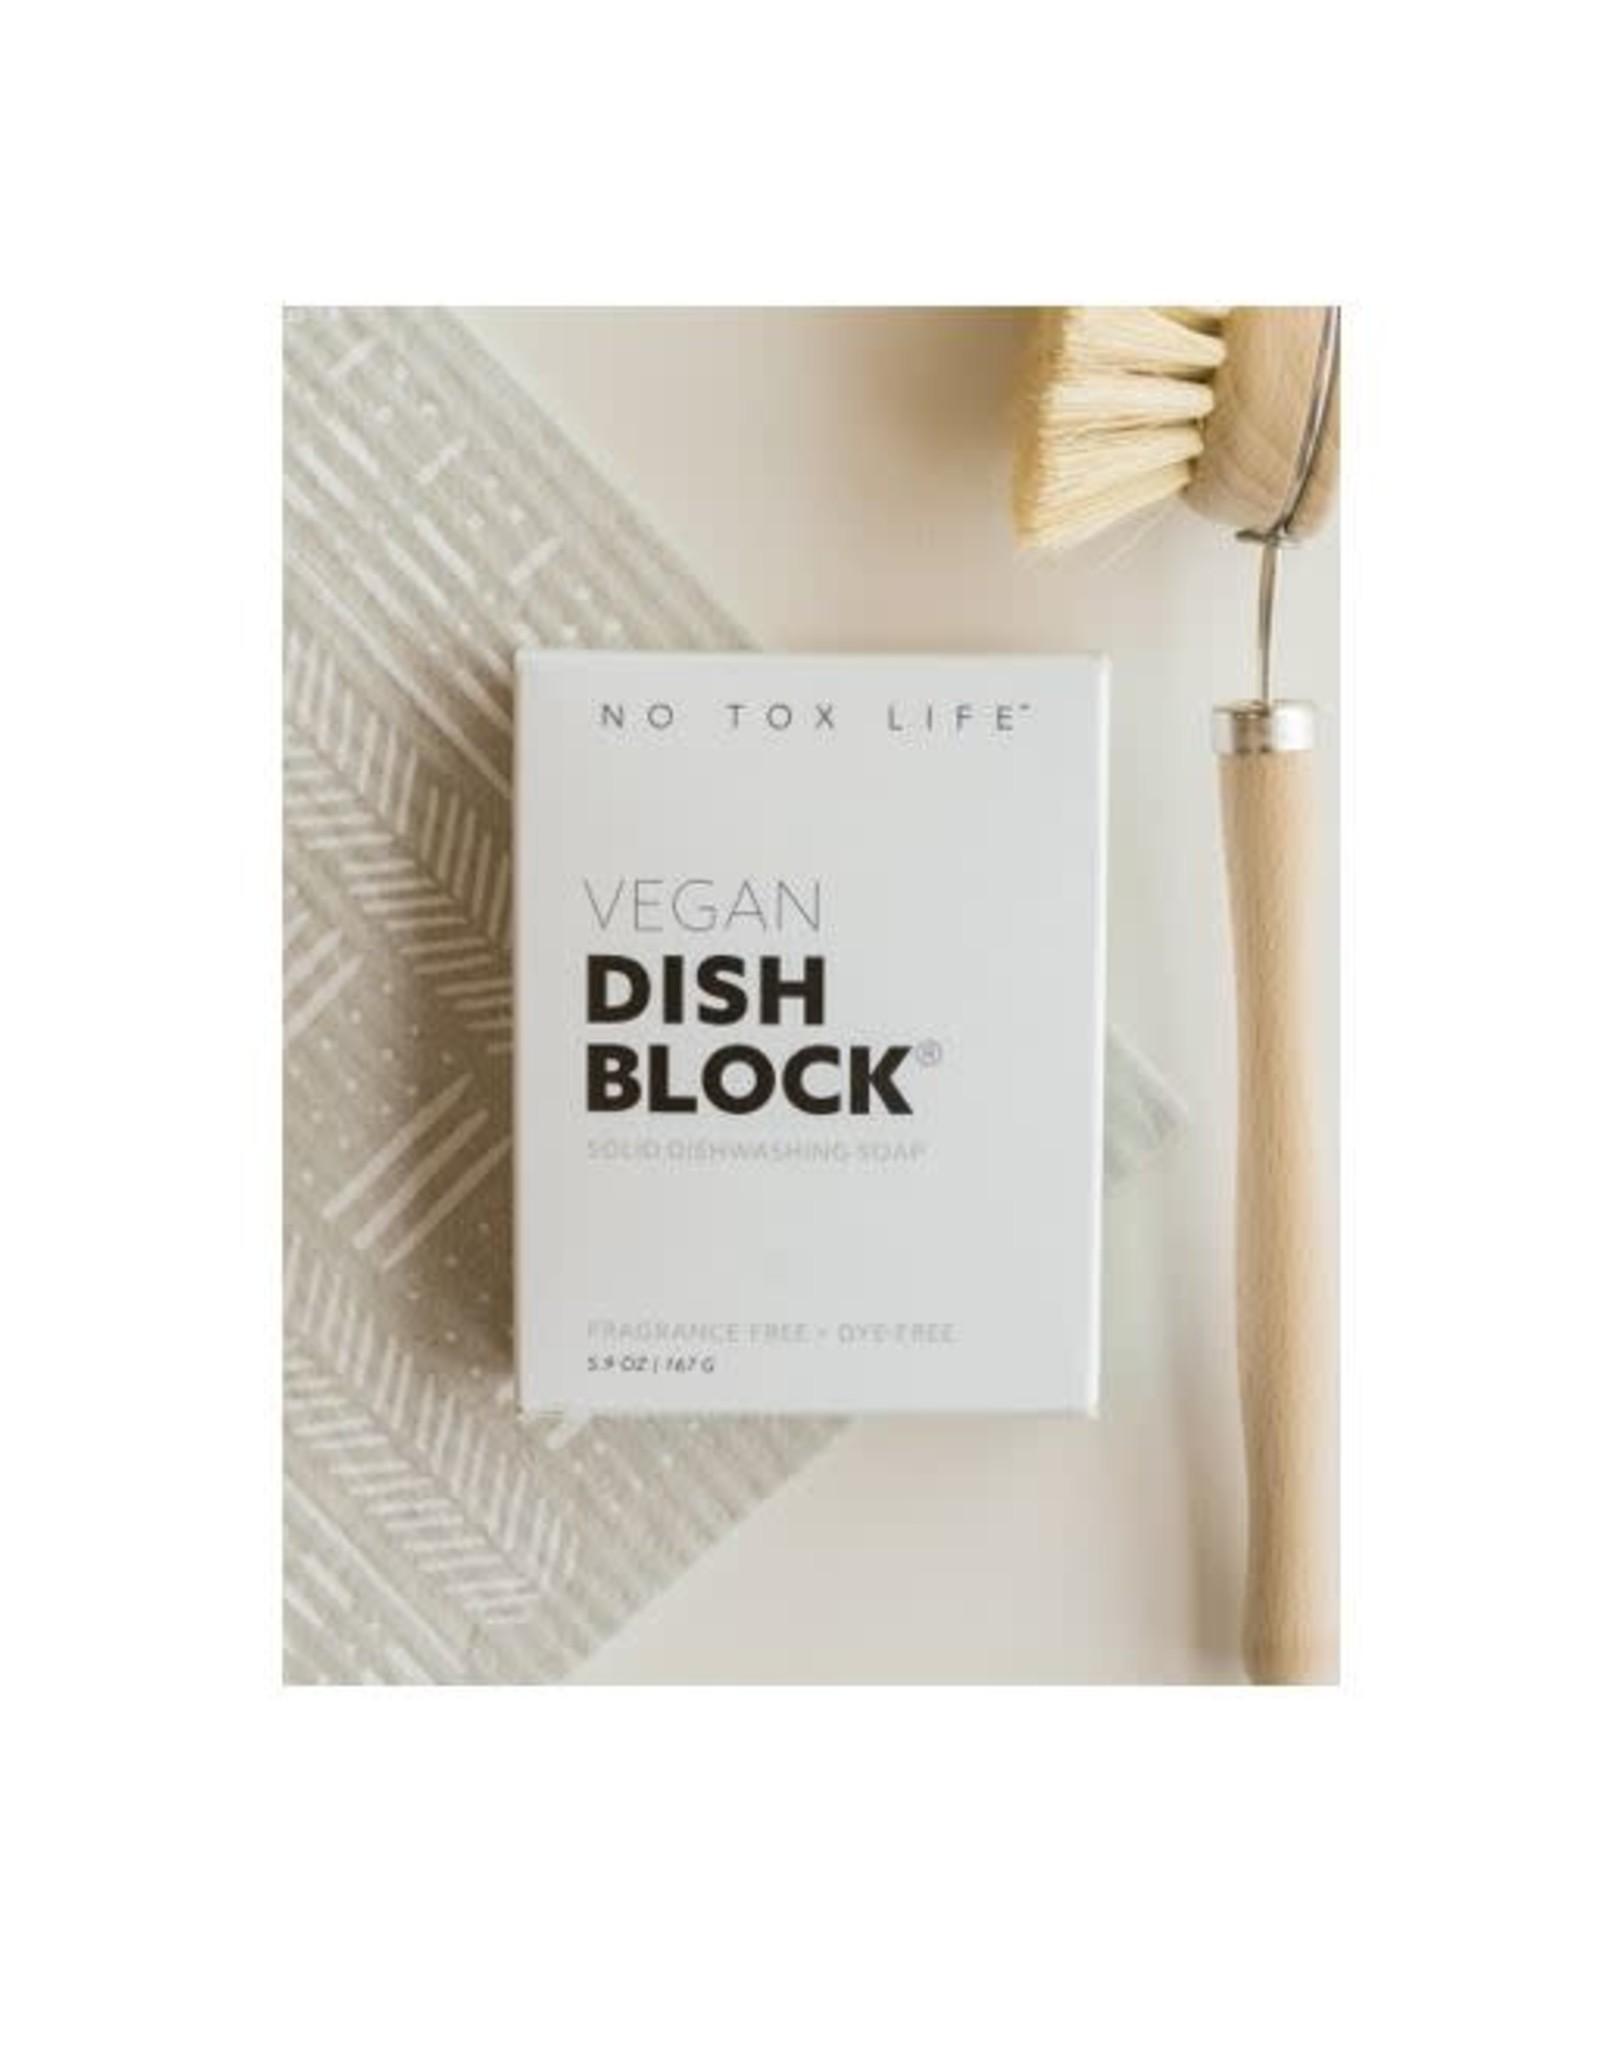 Dish Block -  6 oz